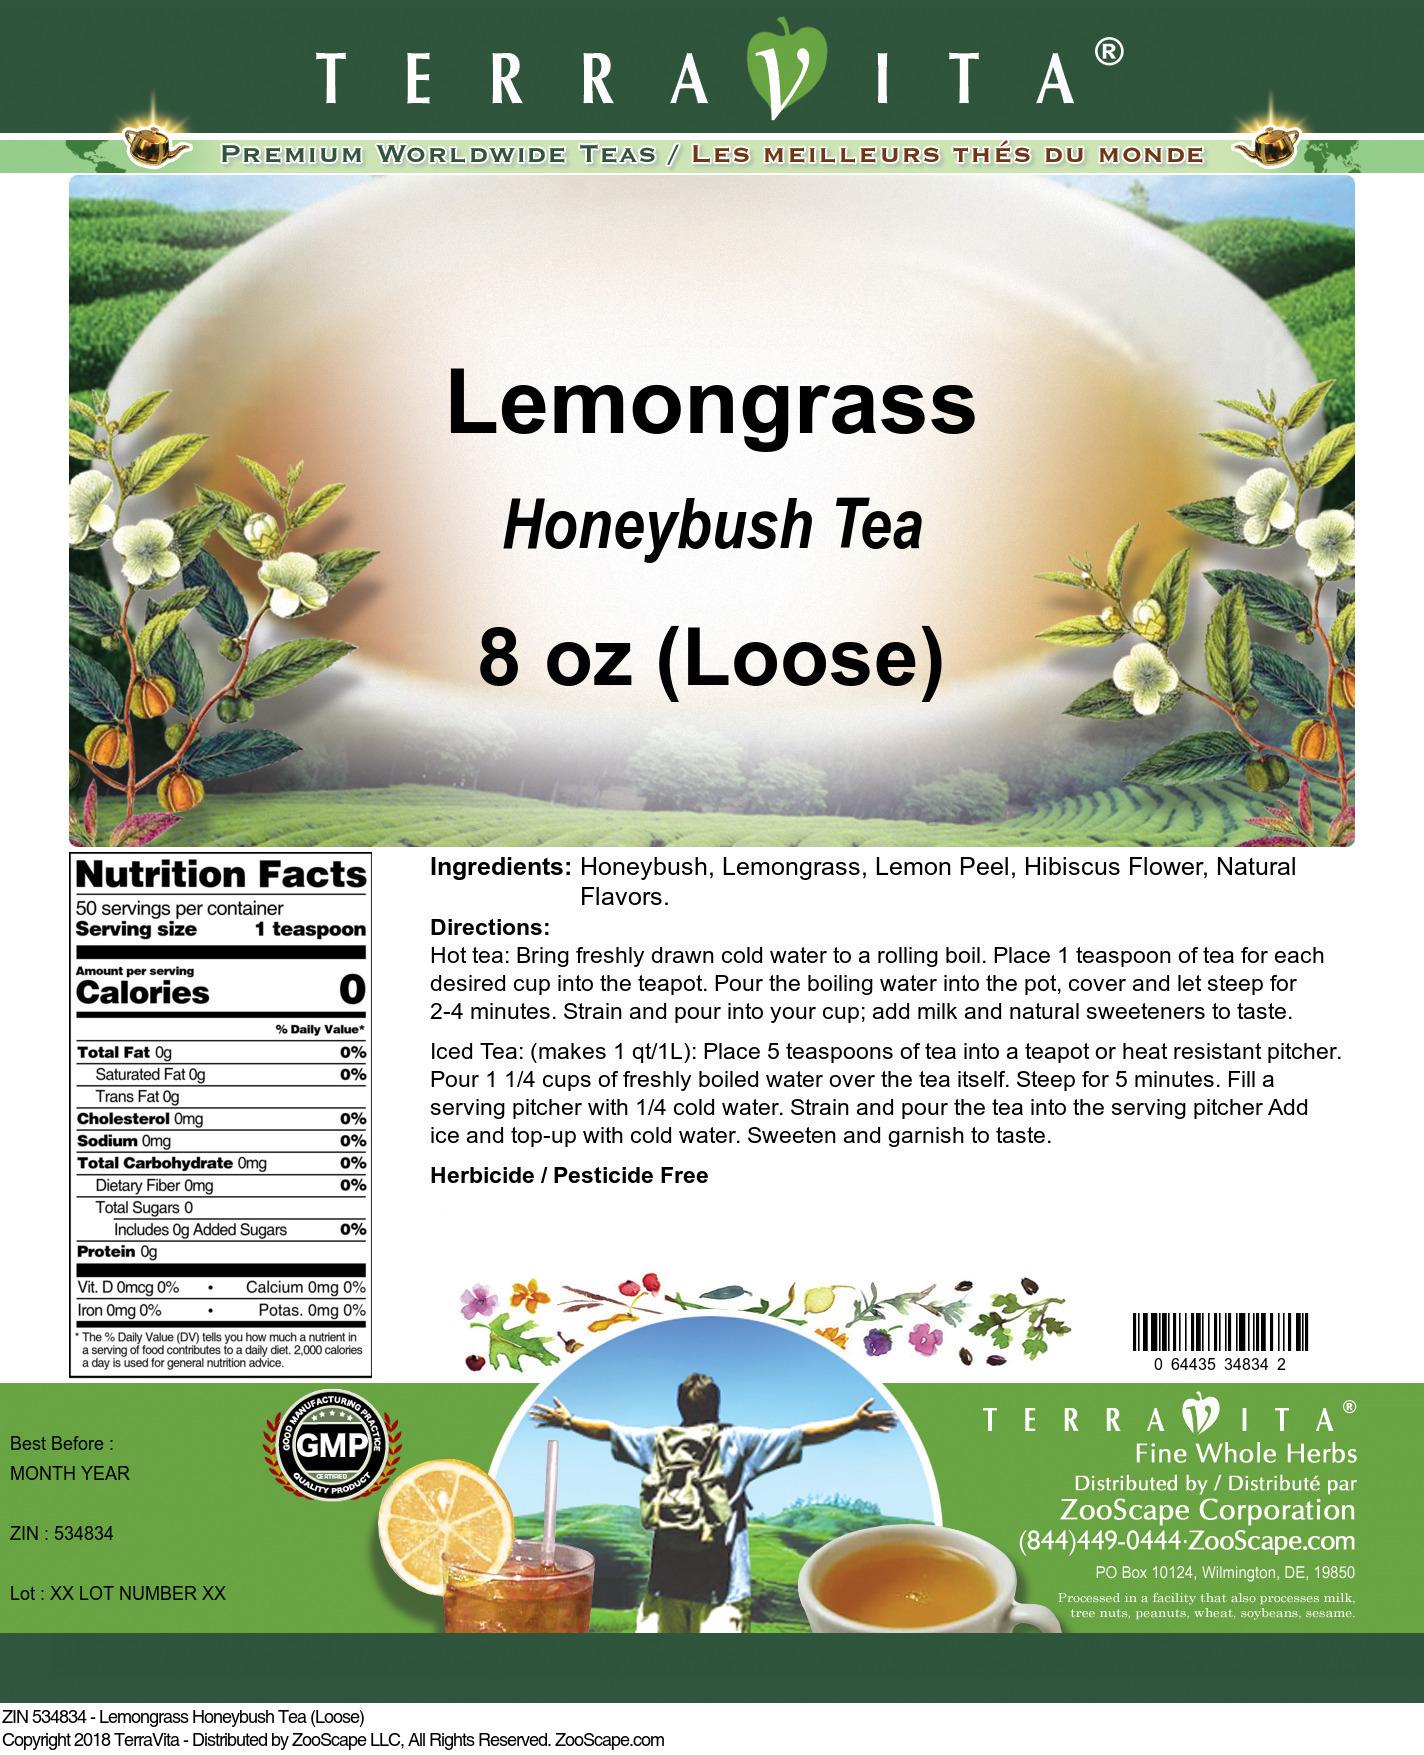 Lemongrass Honeybush Tea